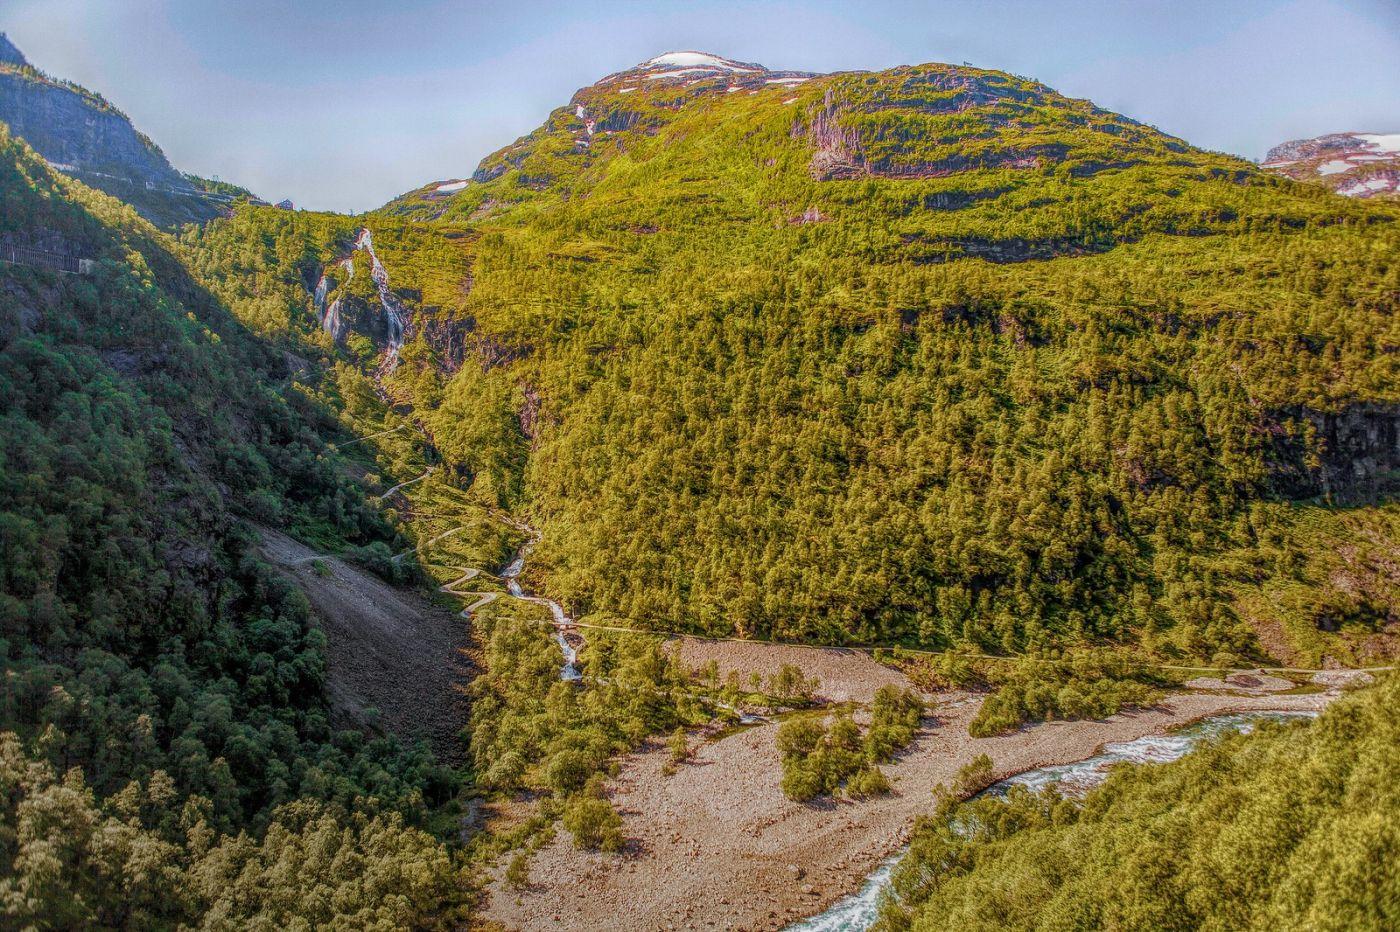 挪威弗拉姆铁路(Flam Railway),沿路的山水_图1-5